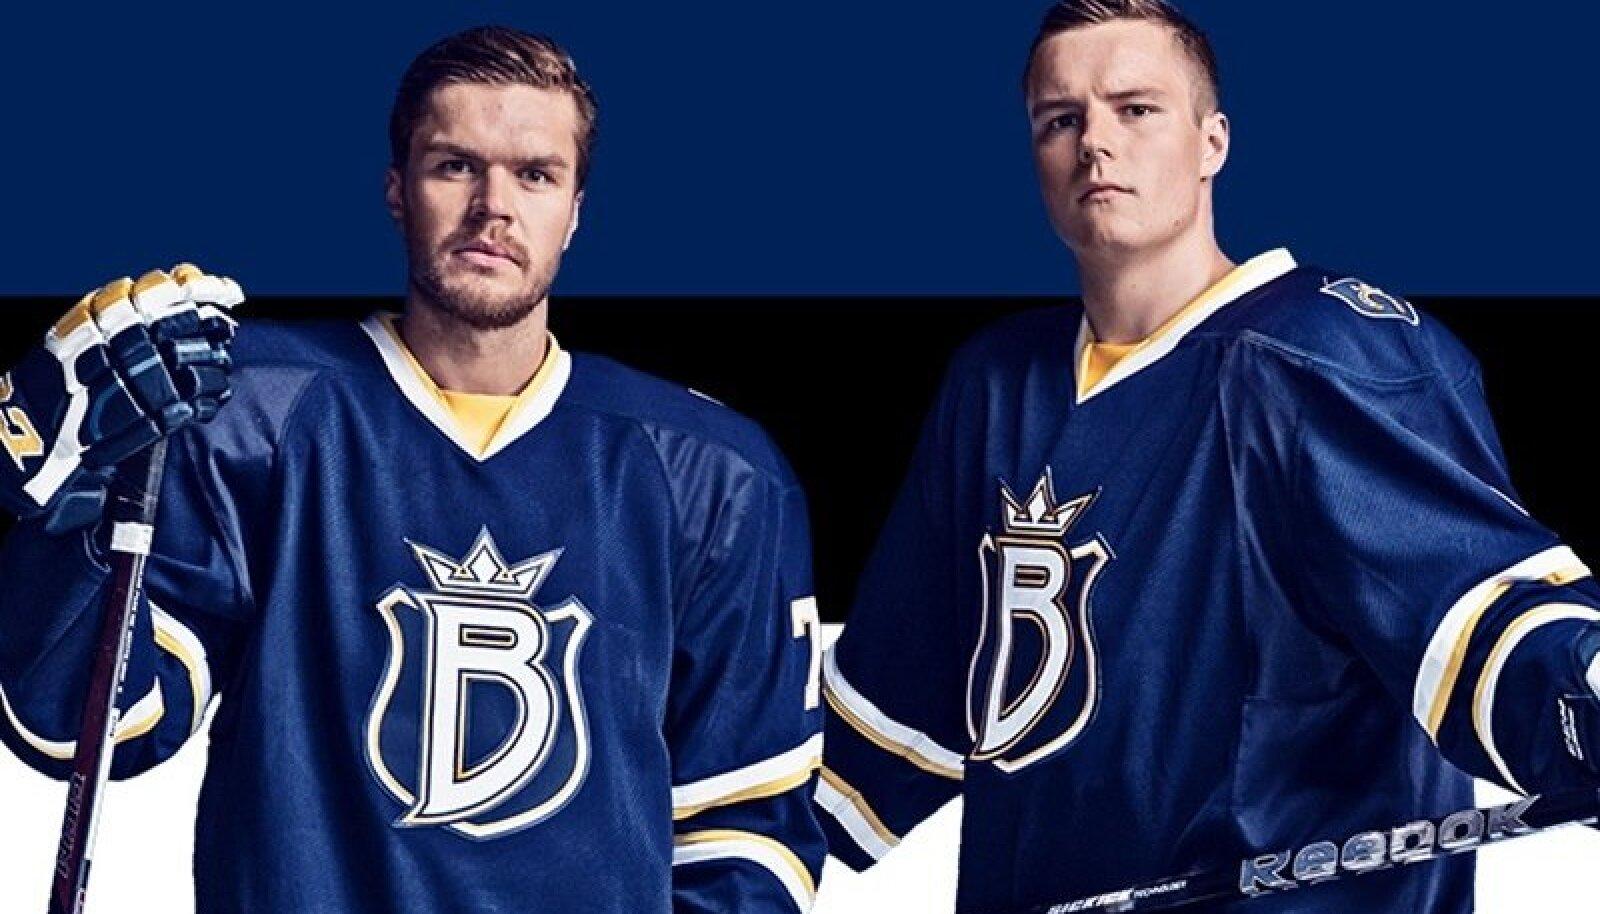 Siim Liivik (vasakul) ja Robert Rooba tegid Espoo Bluesi särkides Eesti hokiajalugu.